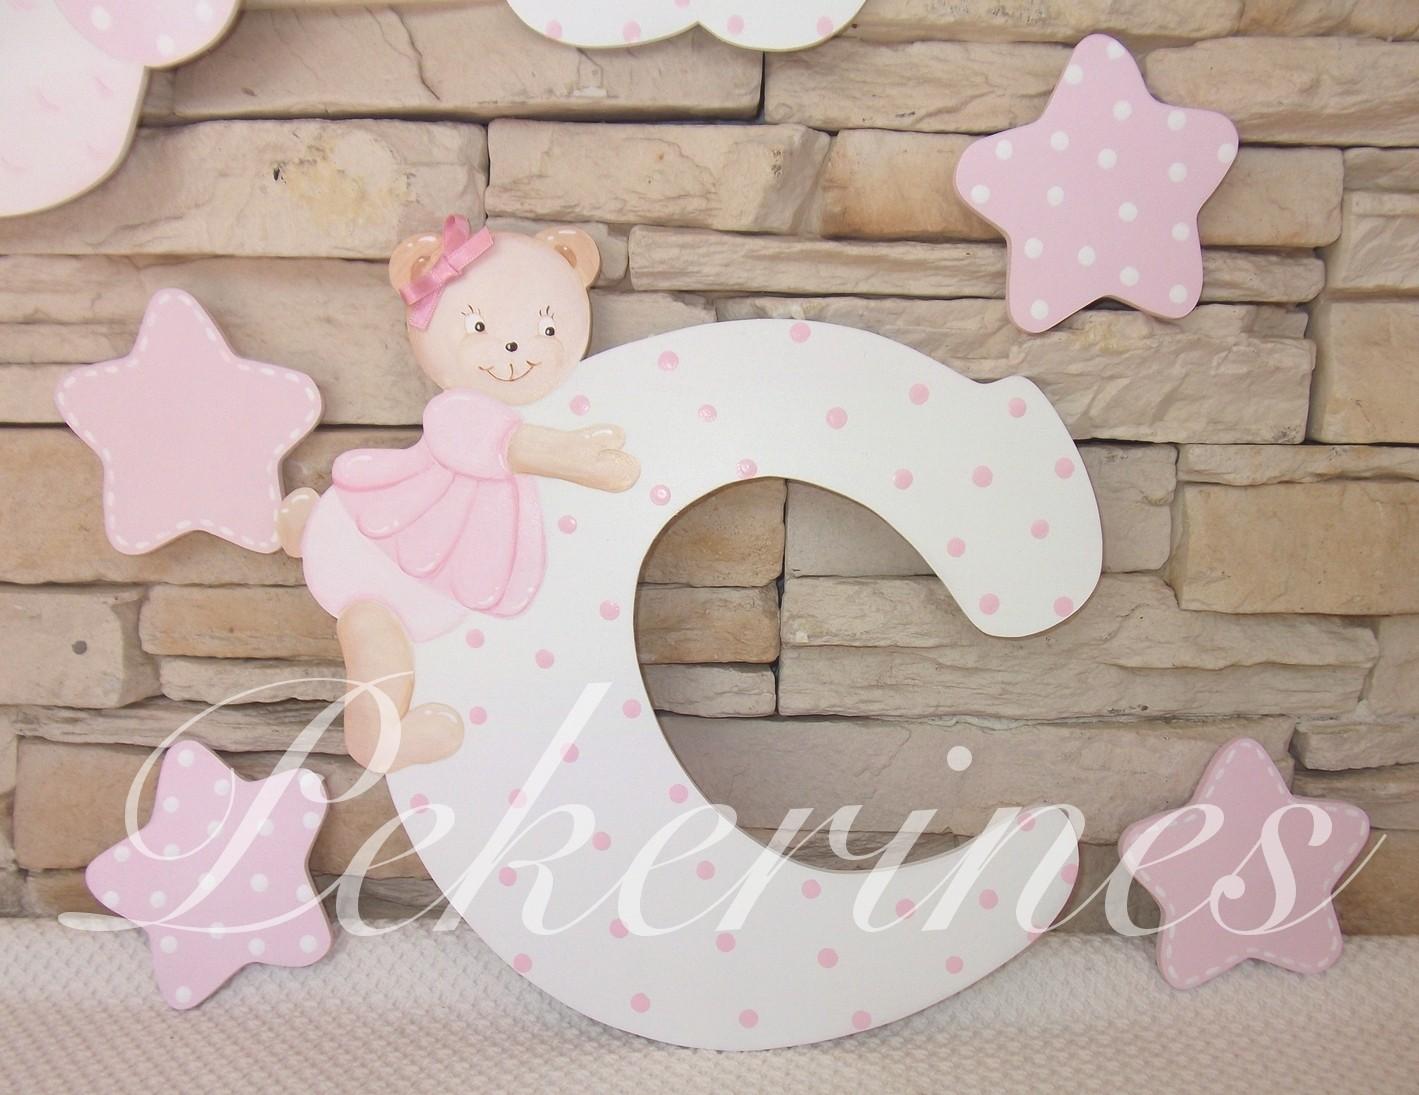 Decoraci n infantil pekerines letras para habitaci n beb - Letras bebe decoracion ...